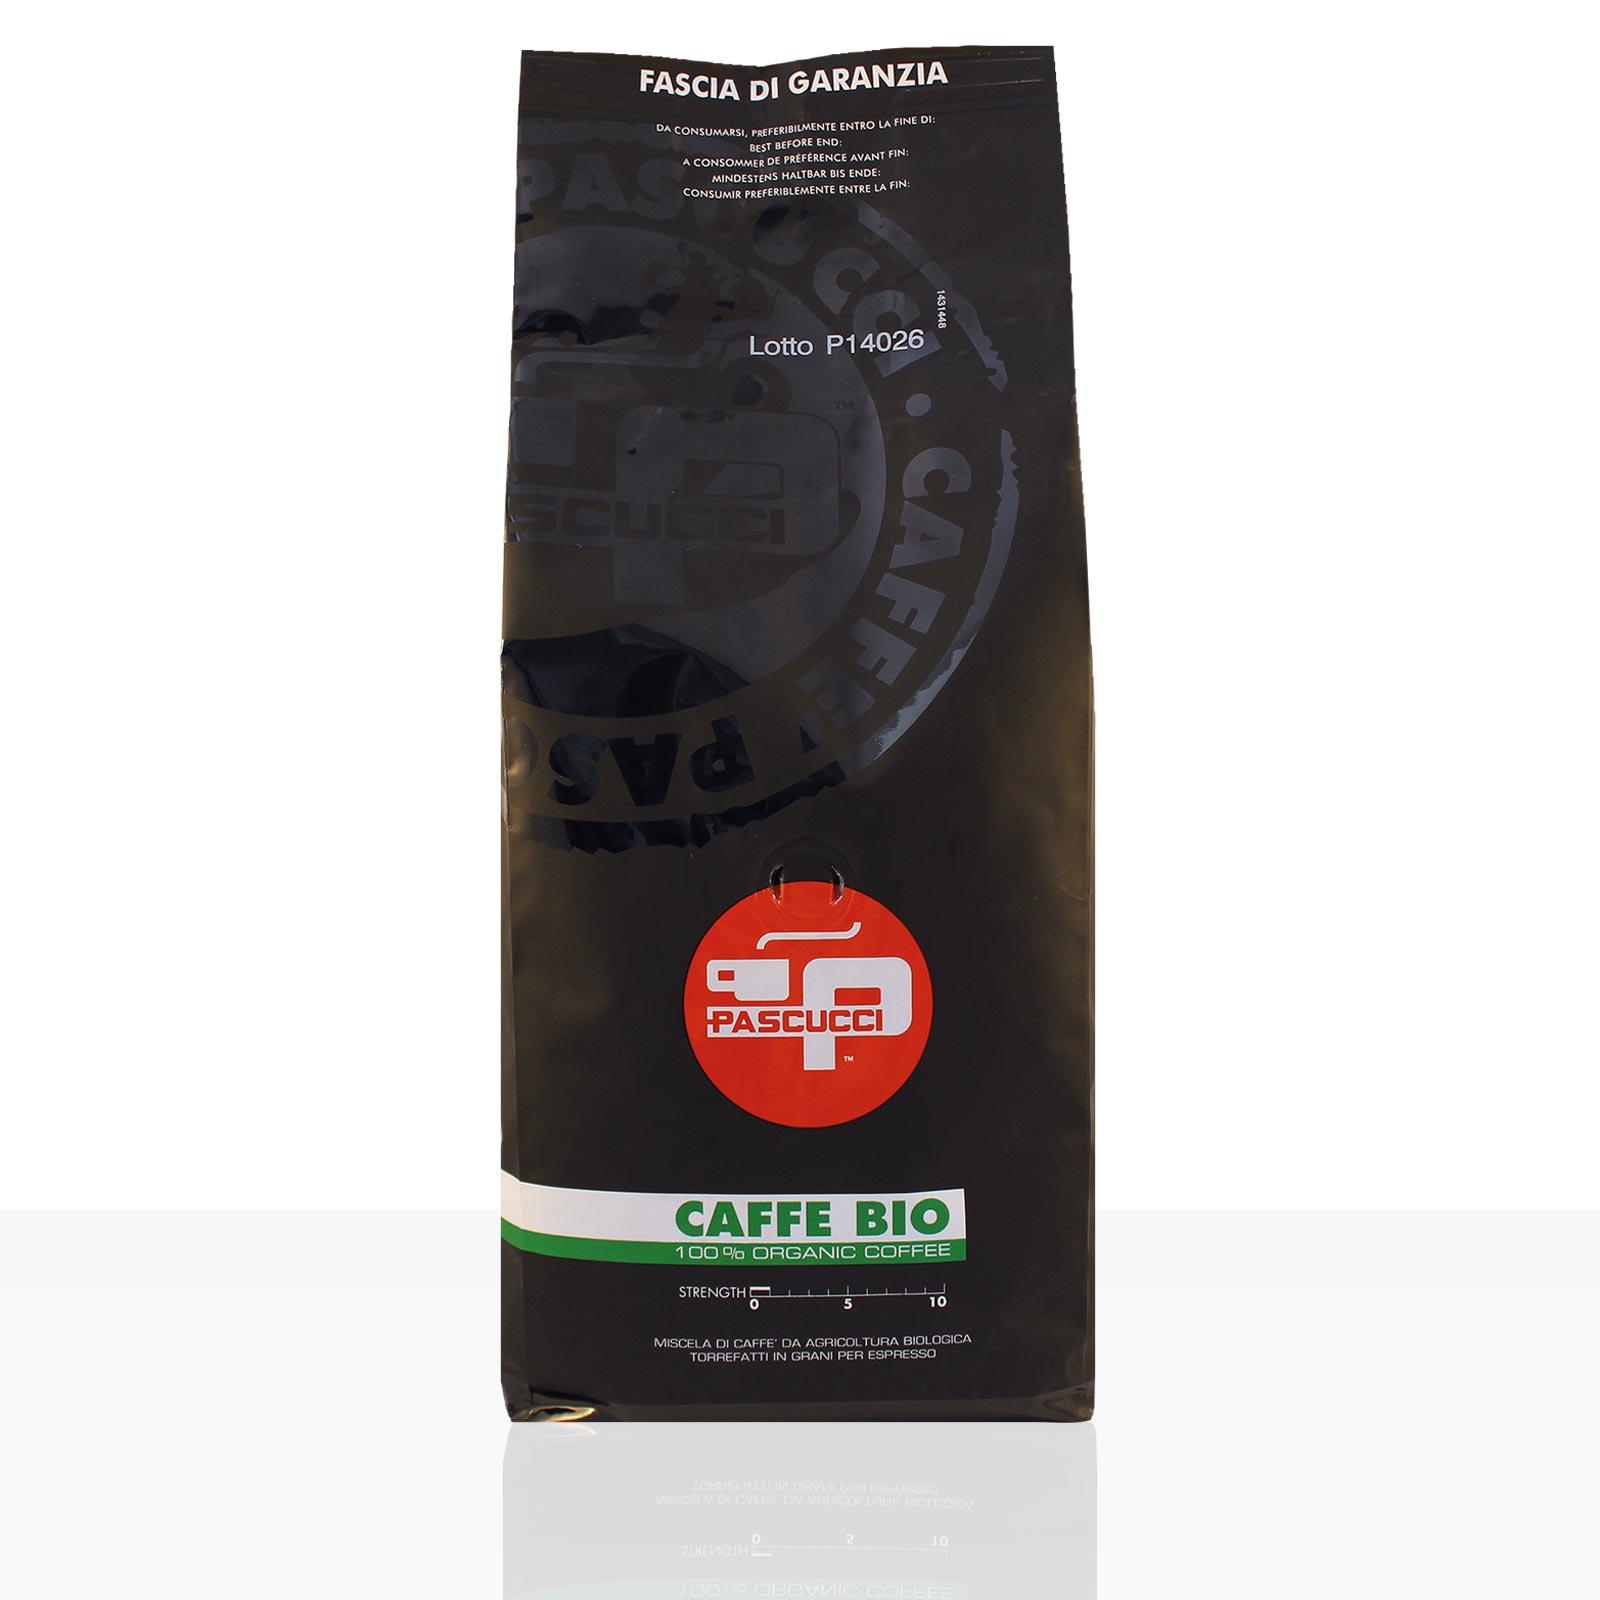 PASCUCCI Caffe BIO Espresso 1kg Espressobohnen, 100% Arabica